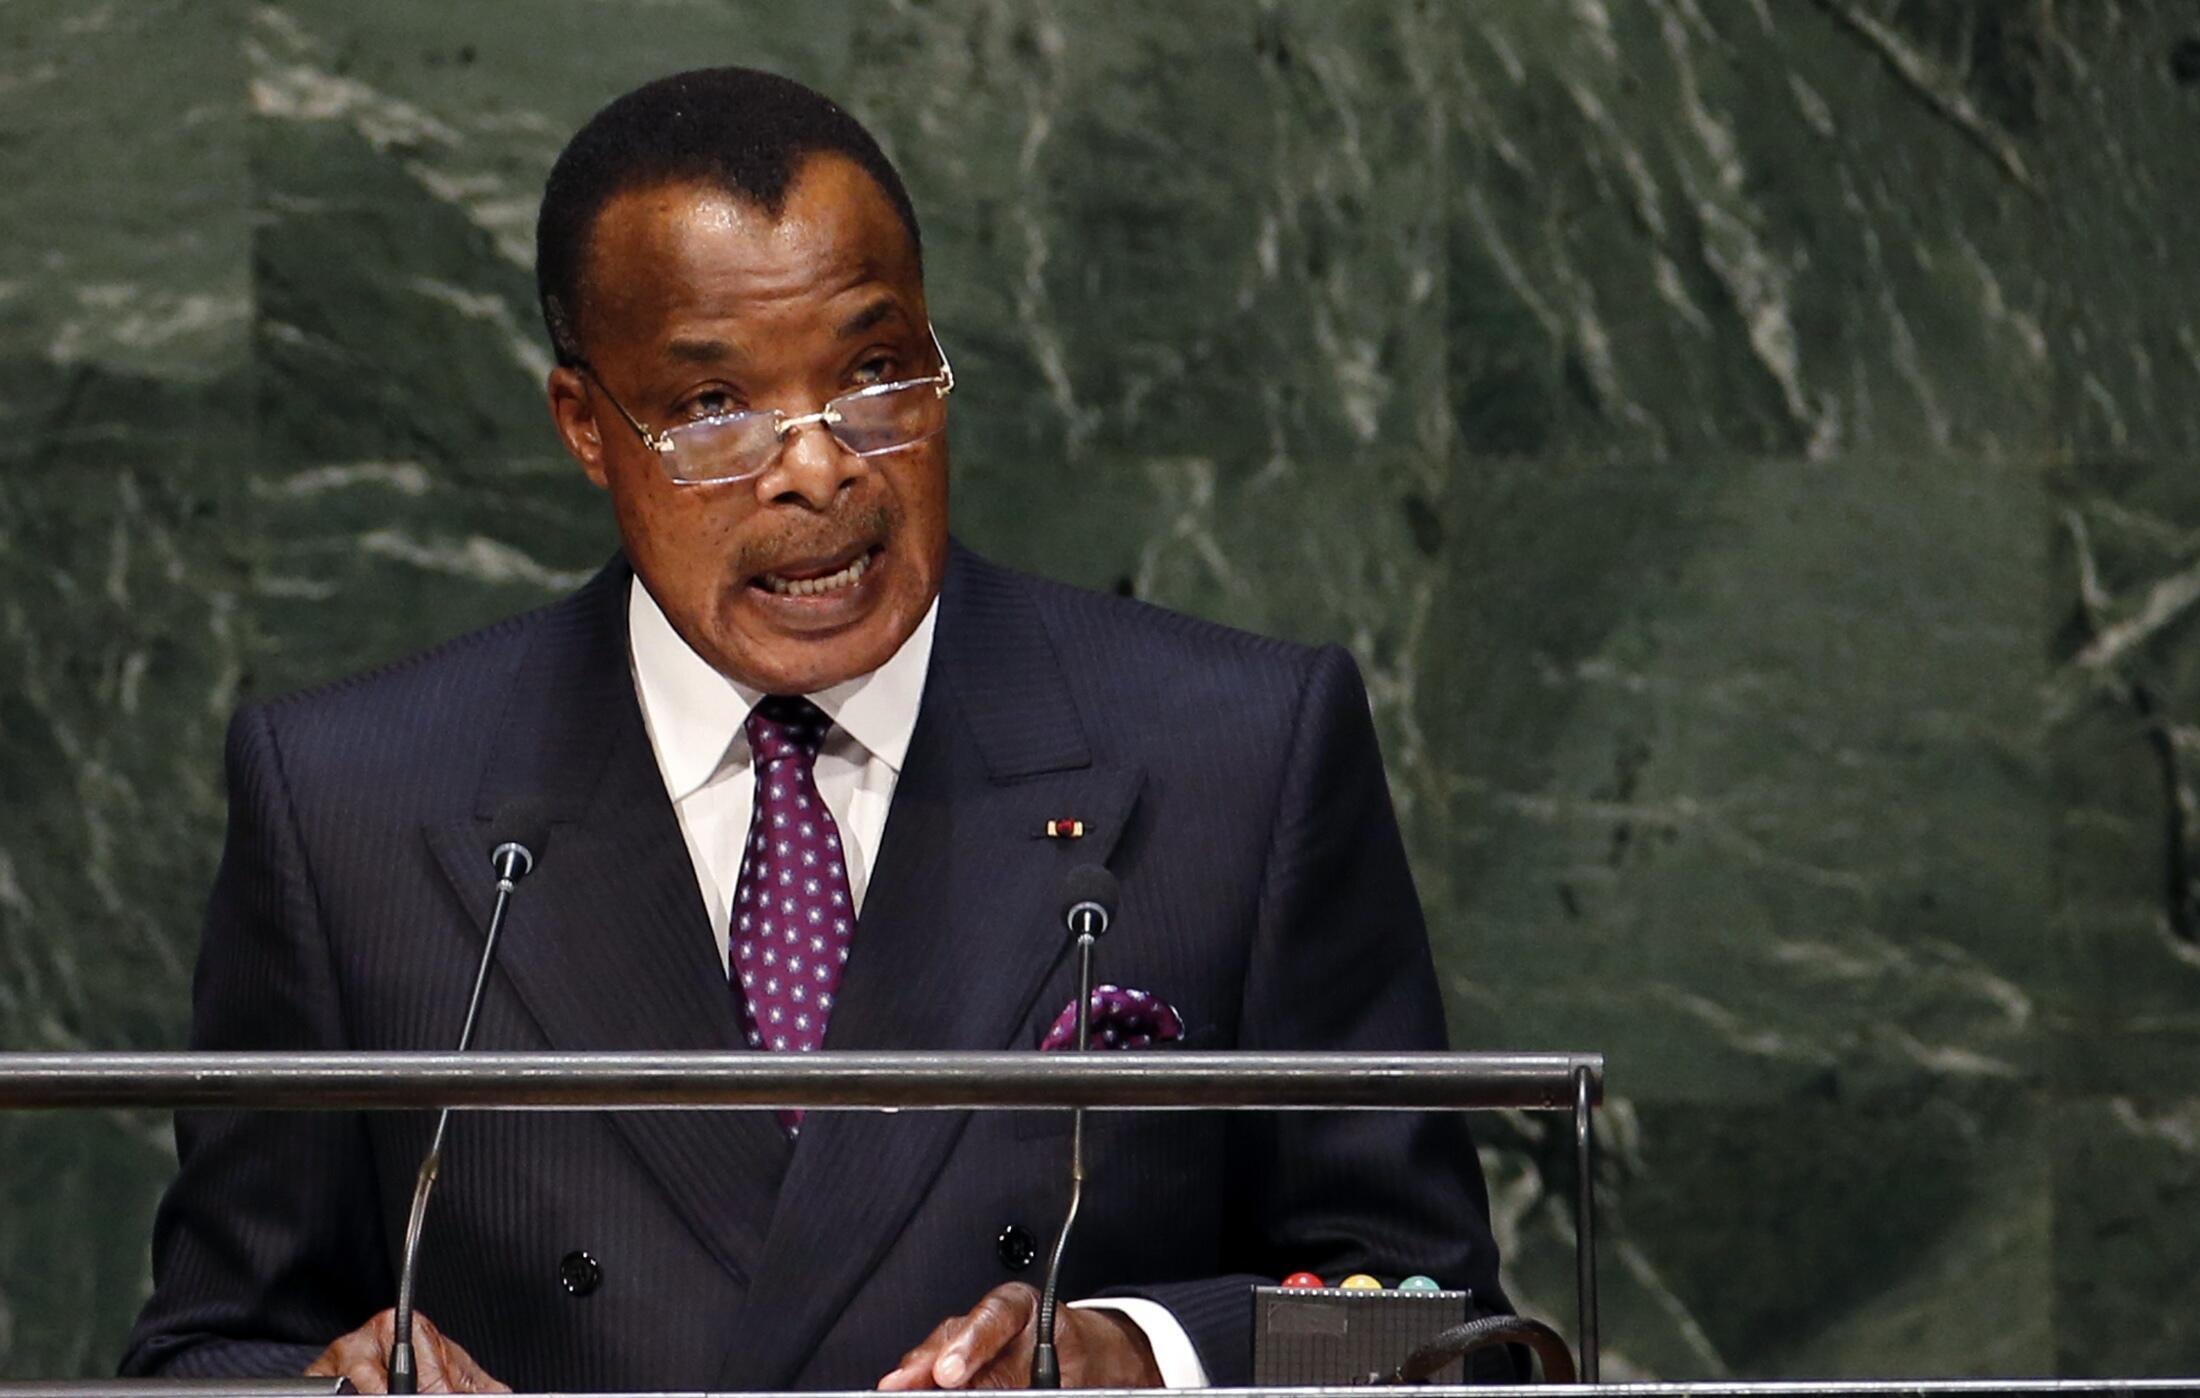 Le chef de l'Etat congolais Denis Sassou-Nguesso, à l'Assemblée générale des Nations unies à New York, le 26 septembre 2014.